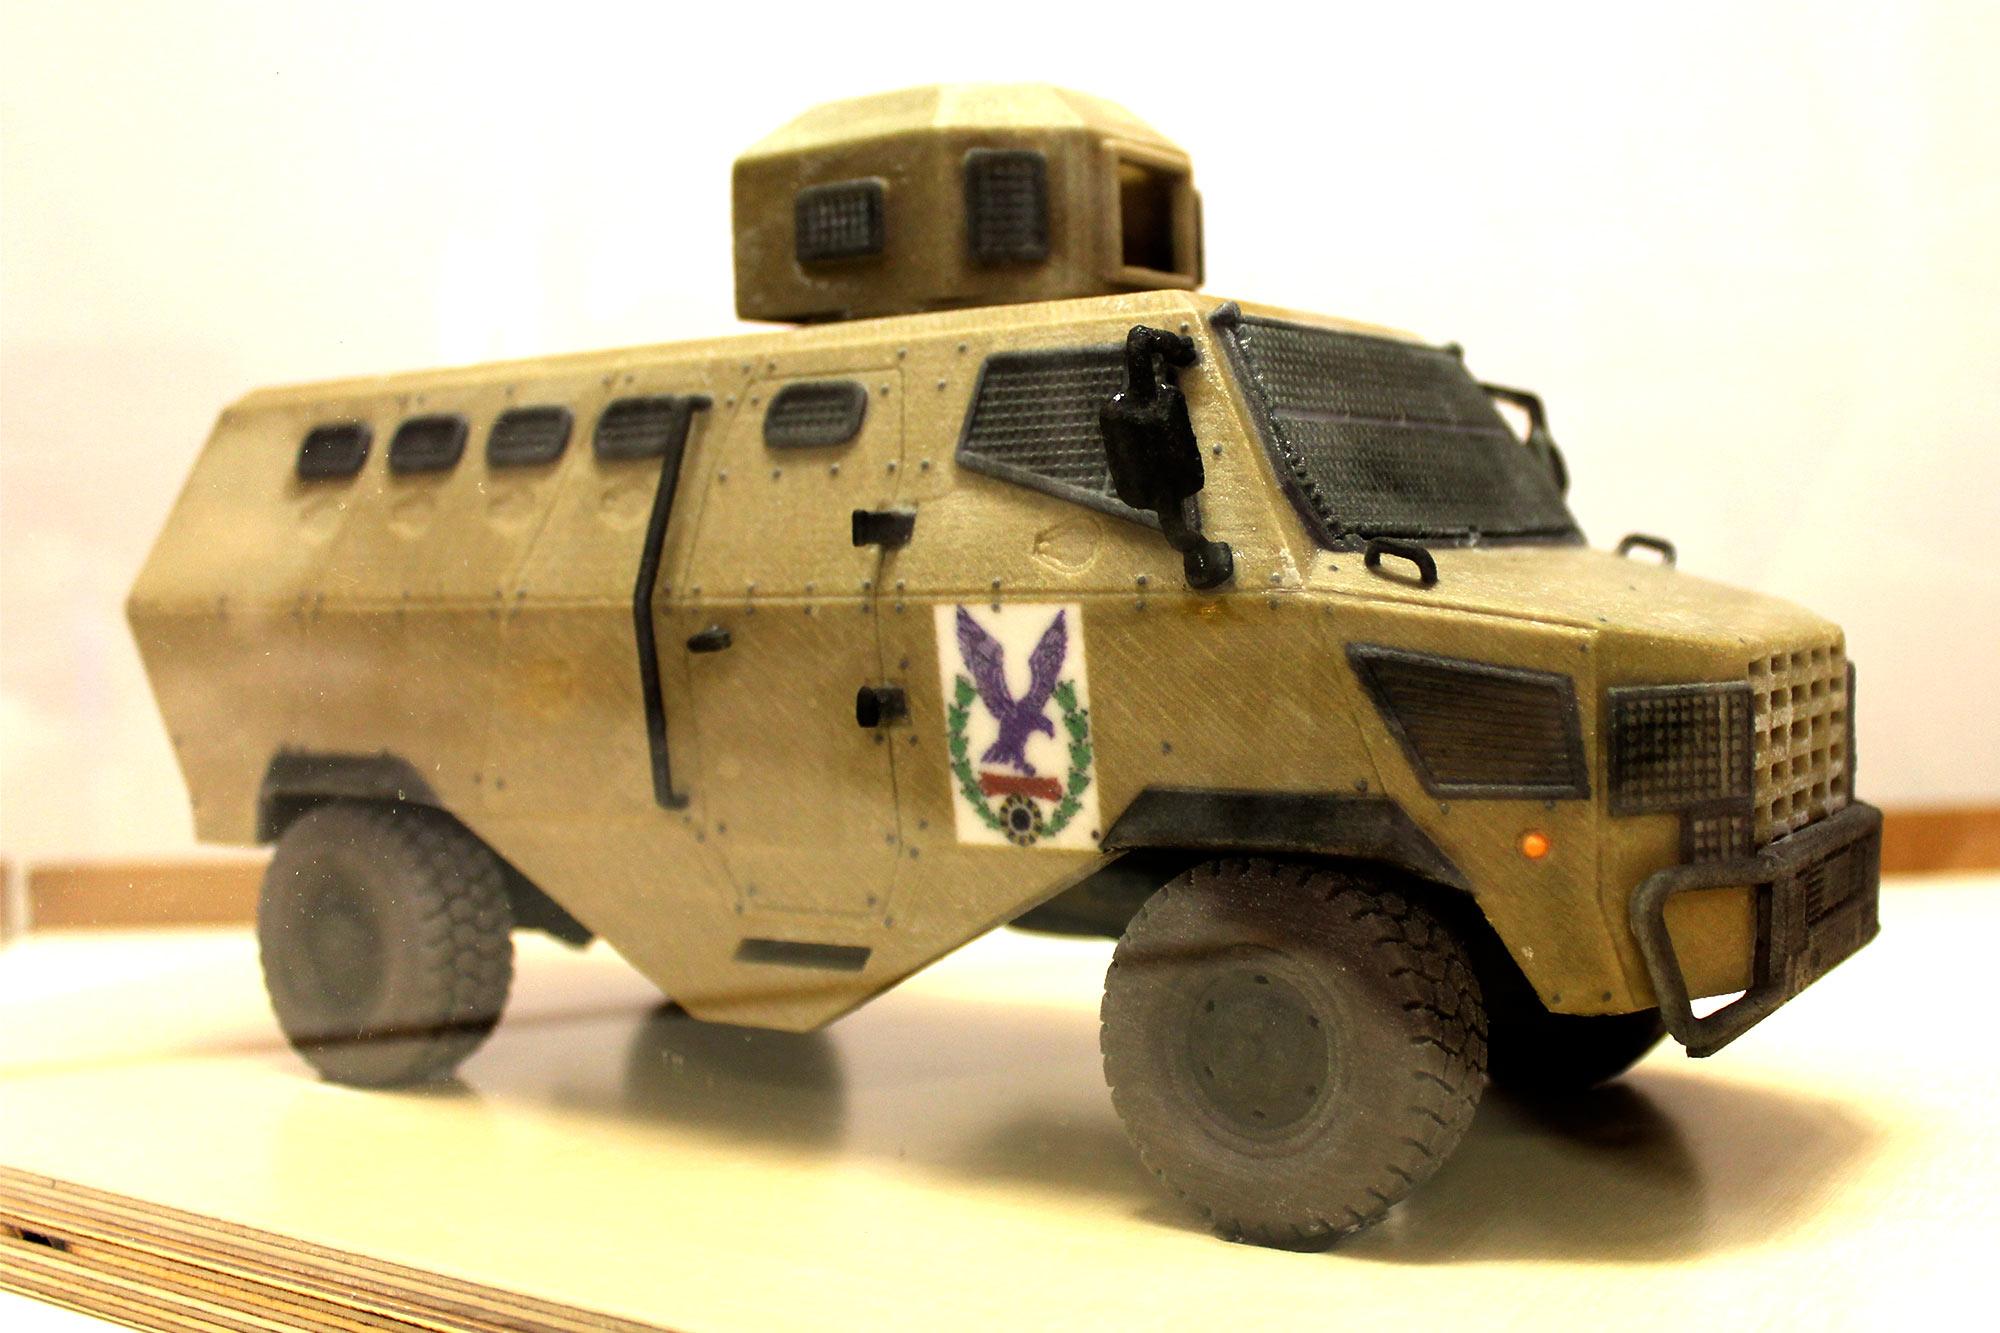 Maqueta impresa en 3D de un camión blindado del ejercito de tierra realizada en el fablab de EXarchitects